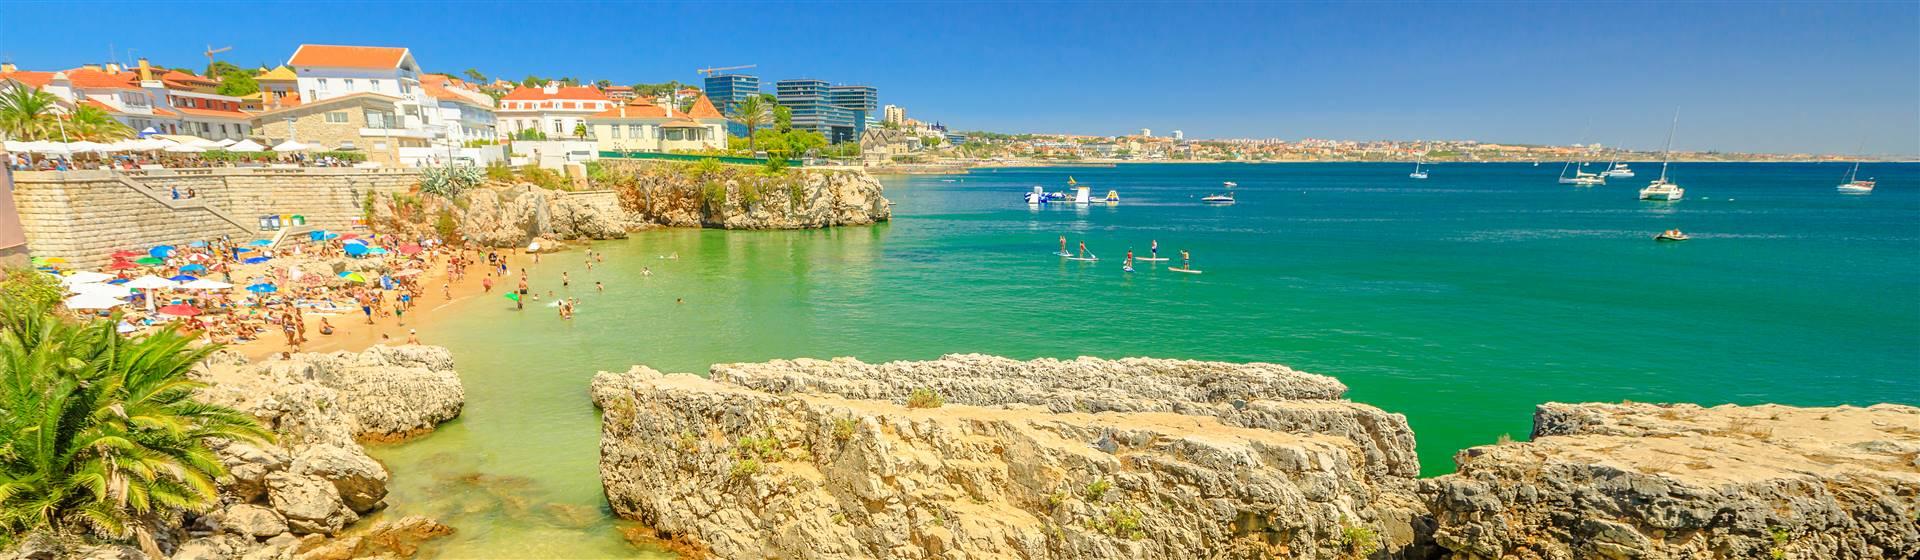 A small beach at Praia da Rainha in Cascais, Portugal.